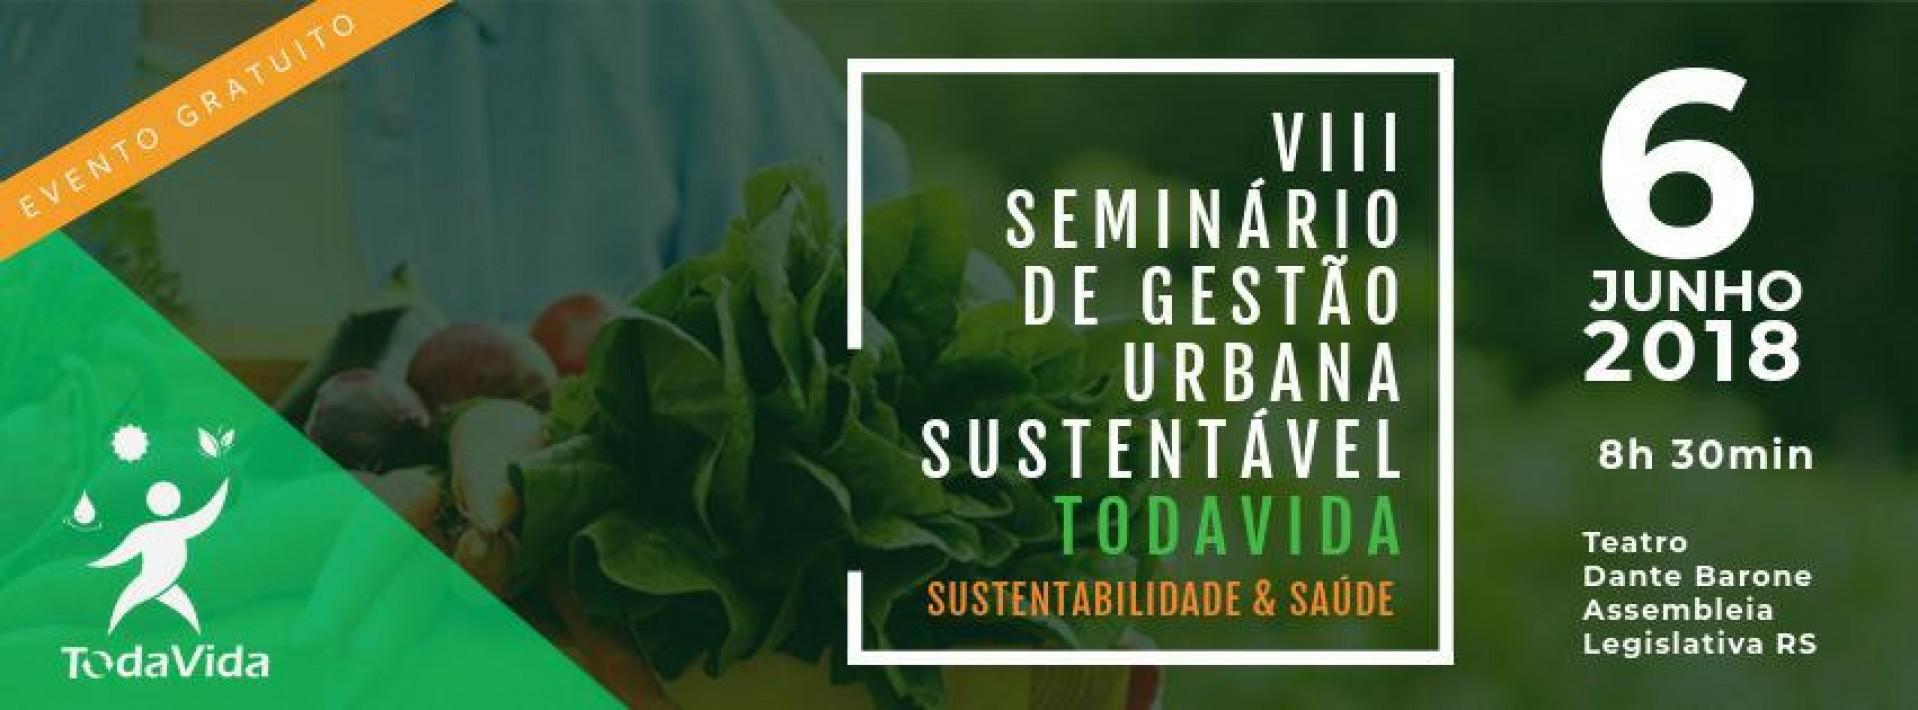 VIII Seminário de Gestão Urbana Sustentável